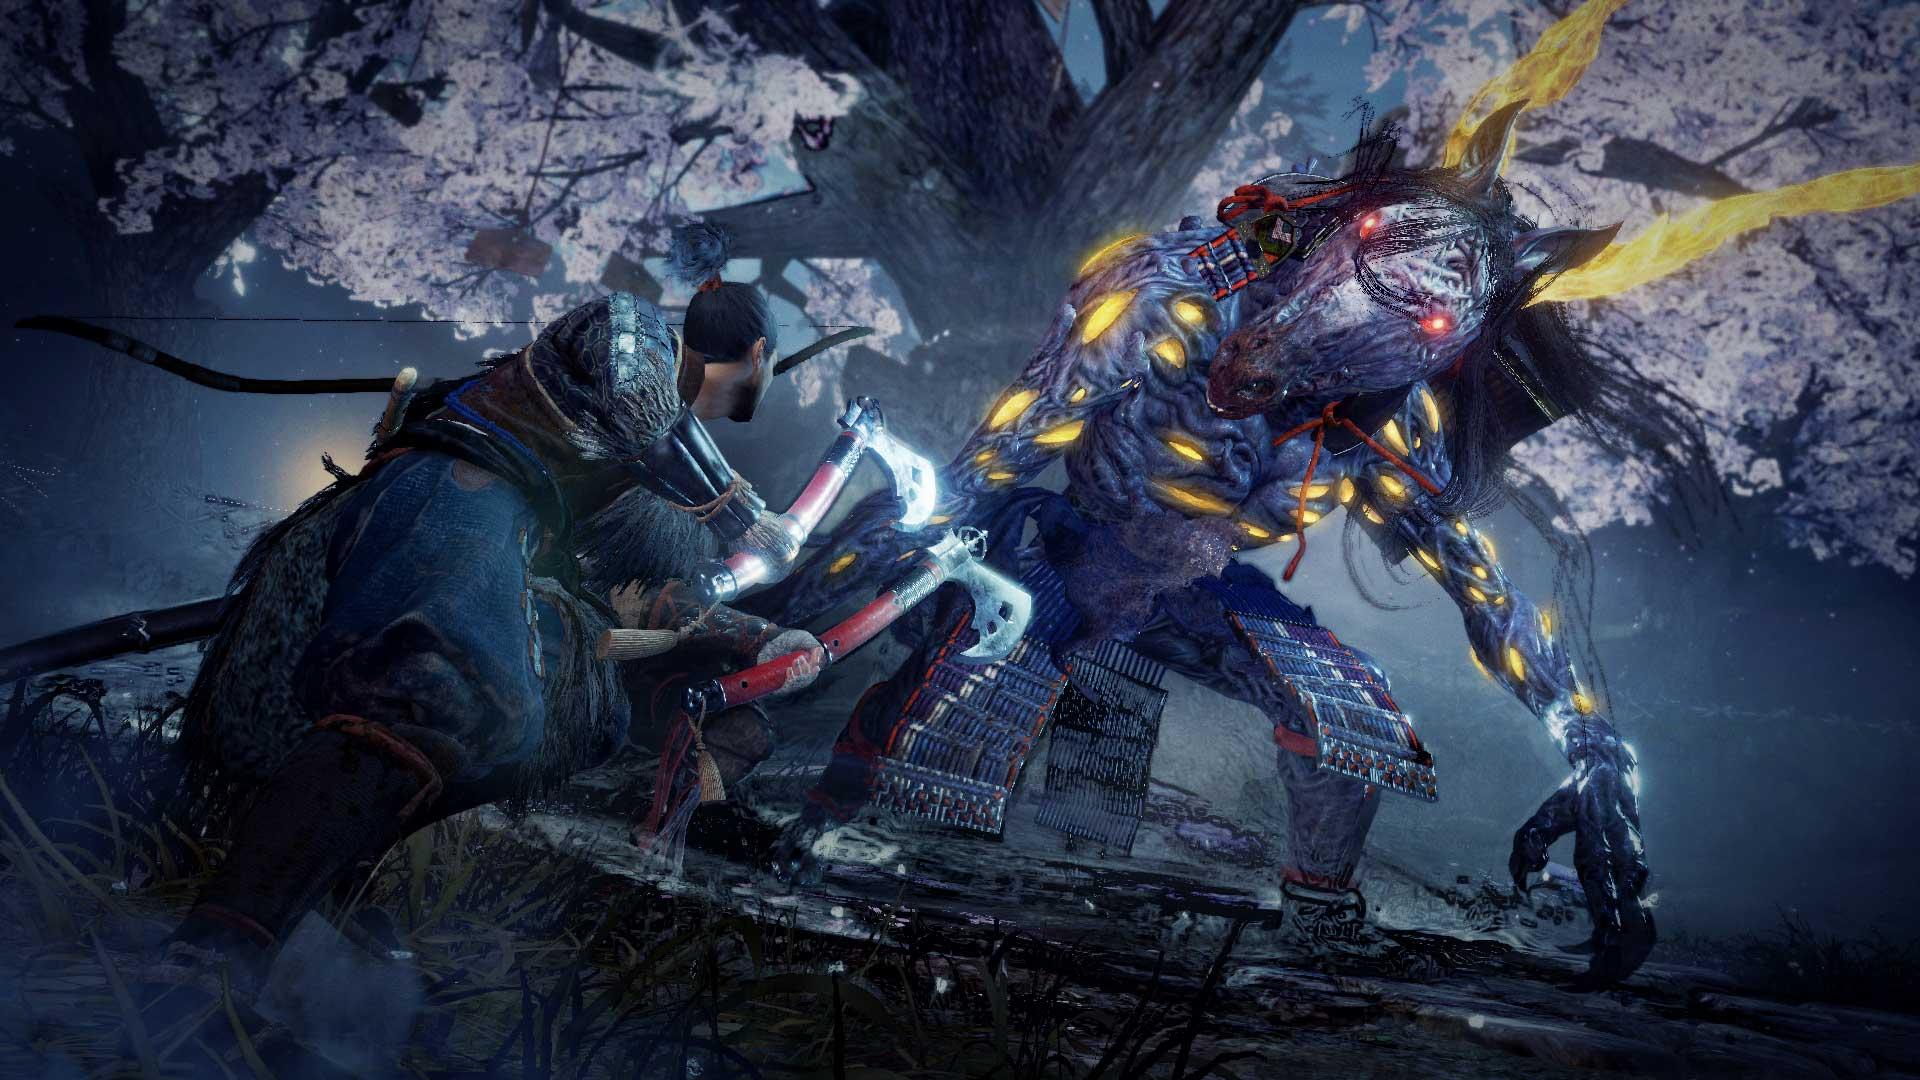 《仁王2》中文特设页面上线 游戏概要及特色公开